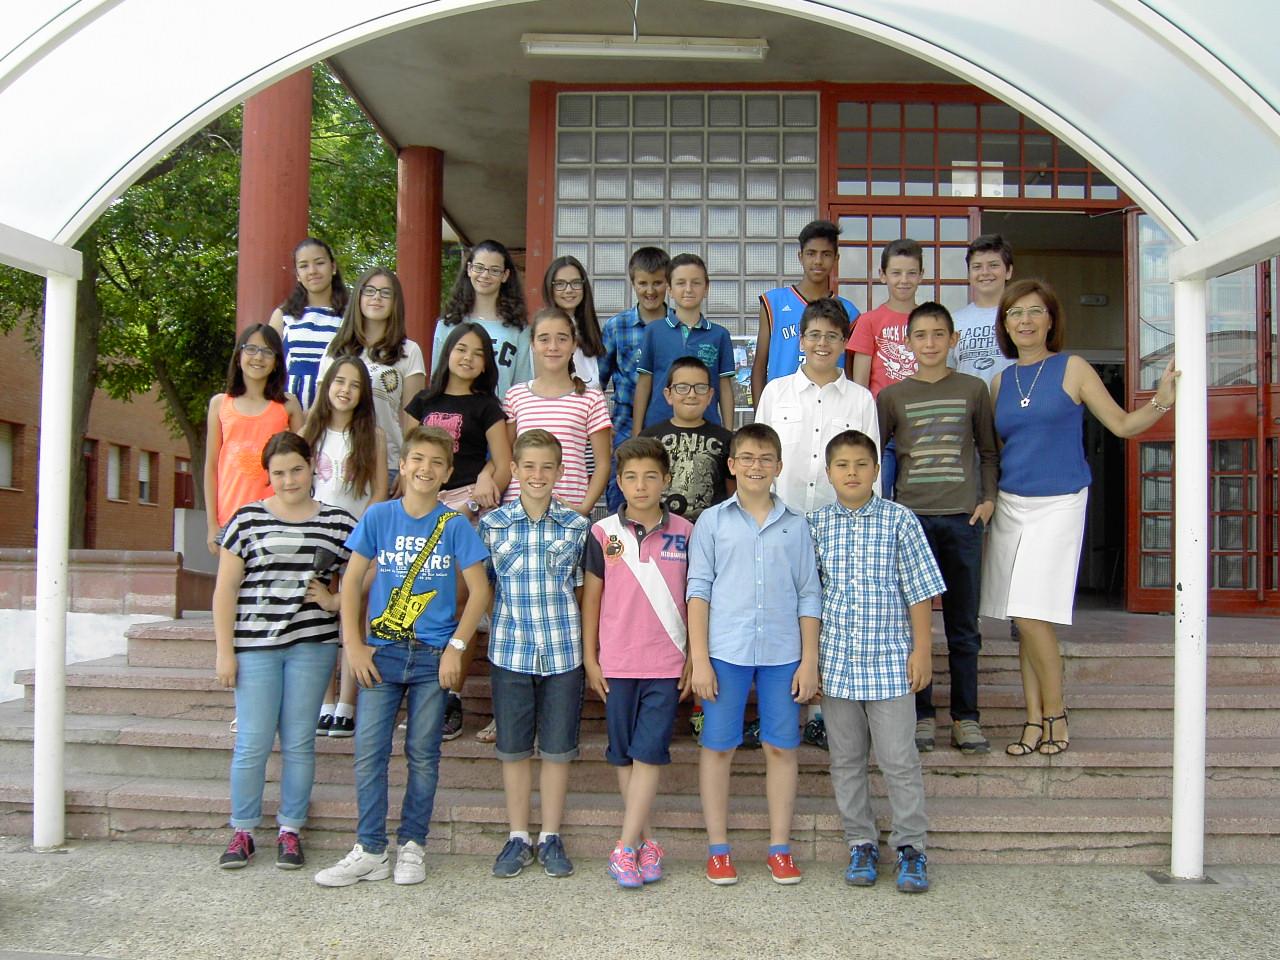 La escuela en el instituto de torres de la alameda - Piscina torres de la alameda ...